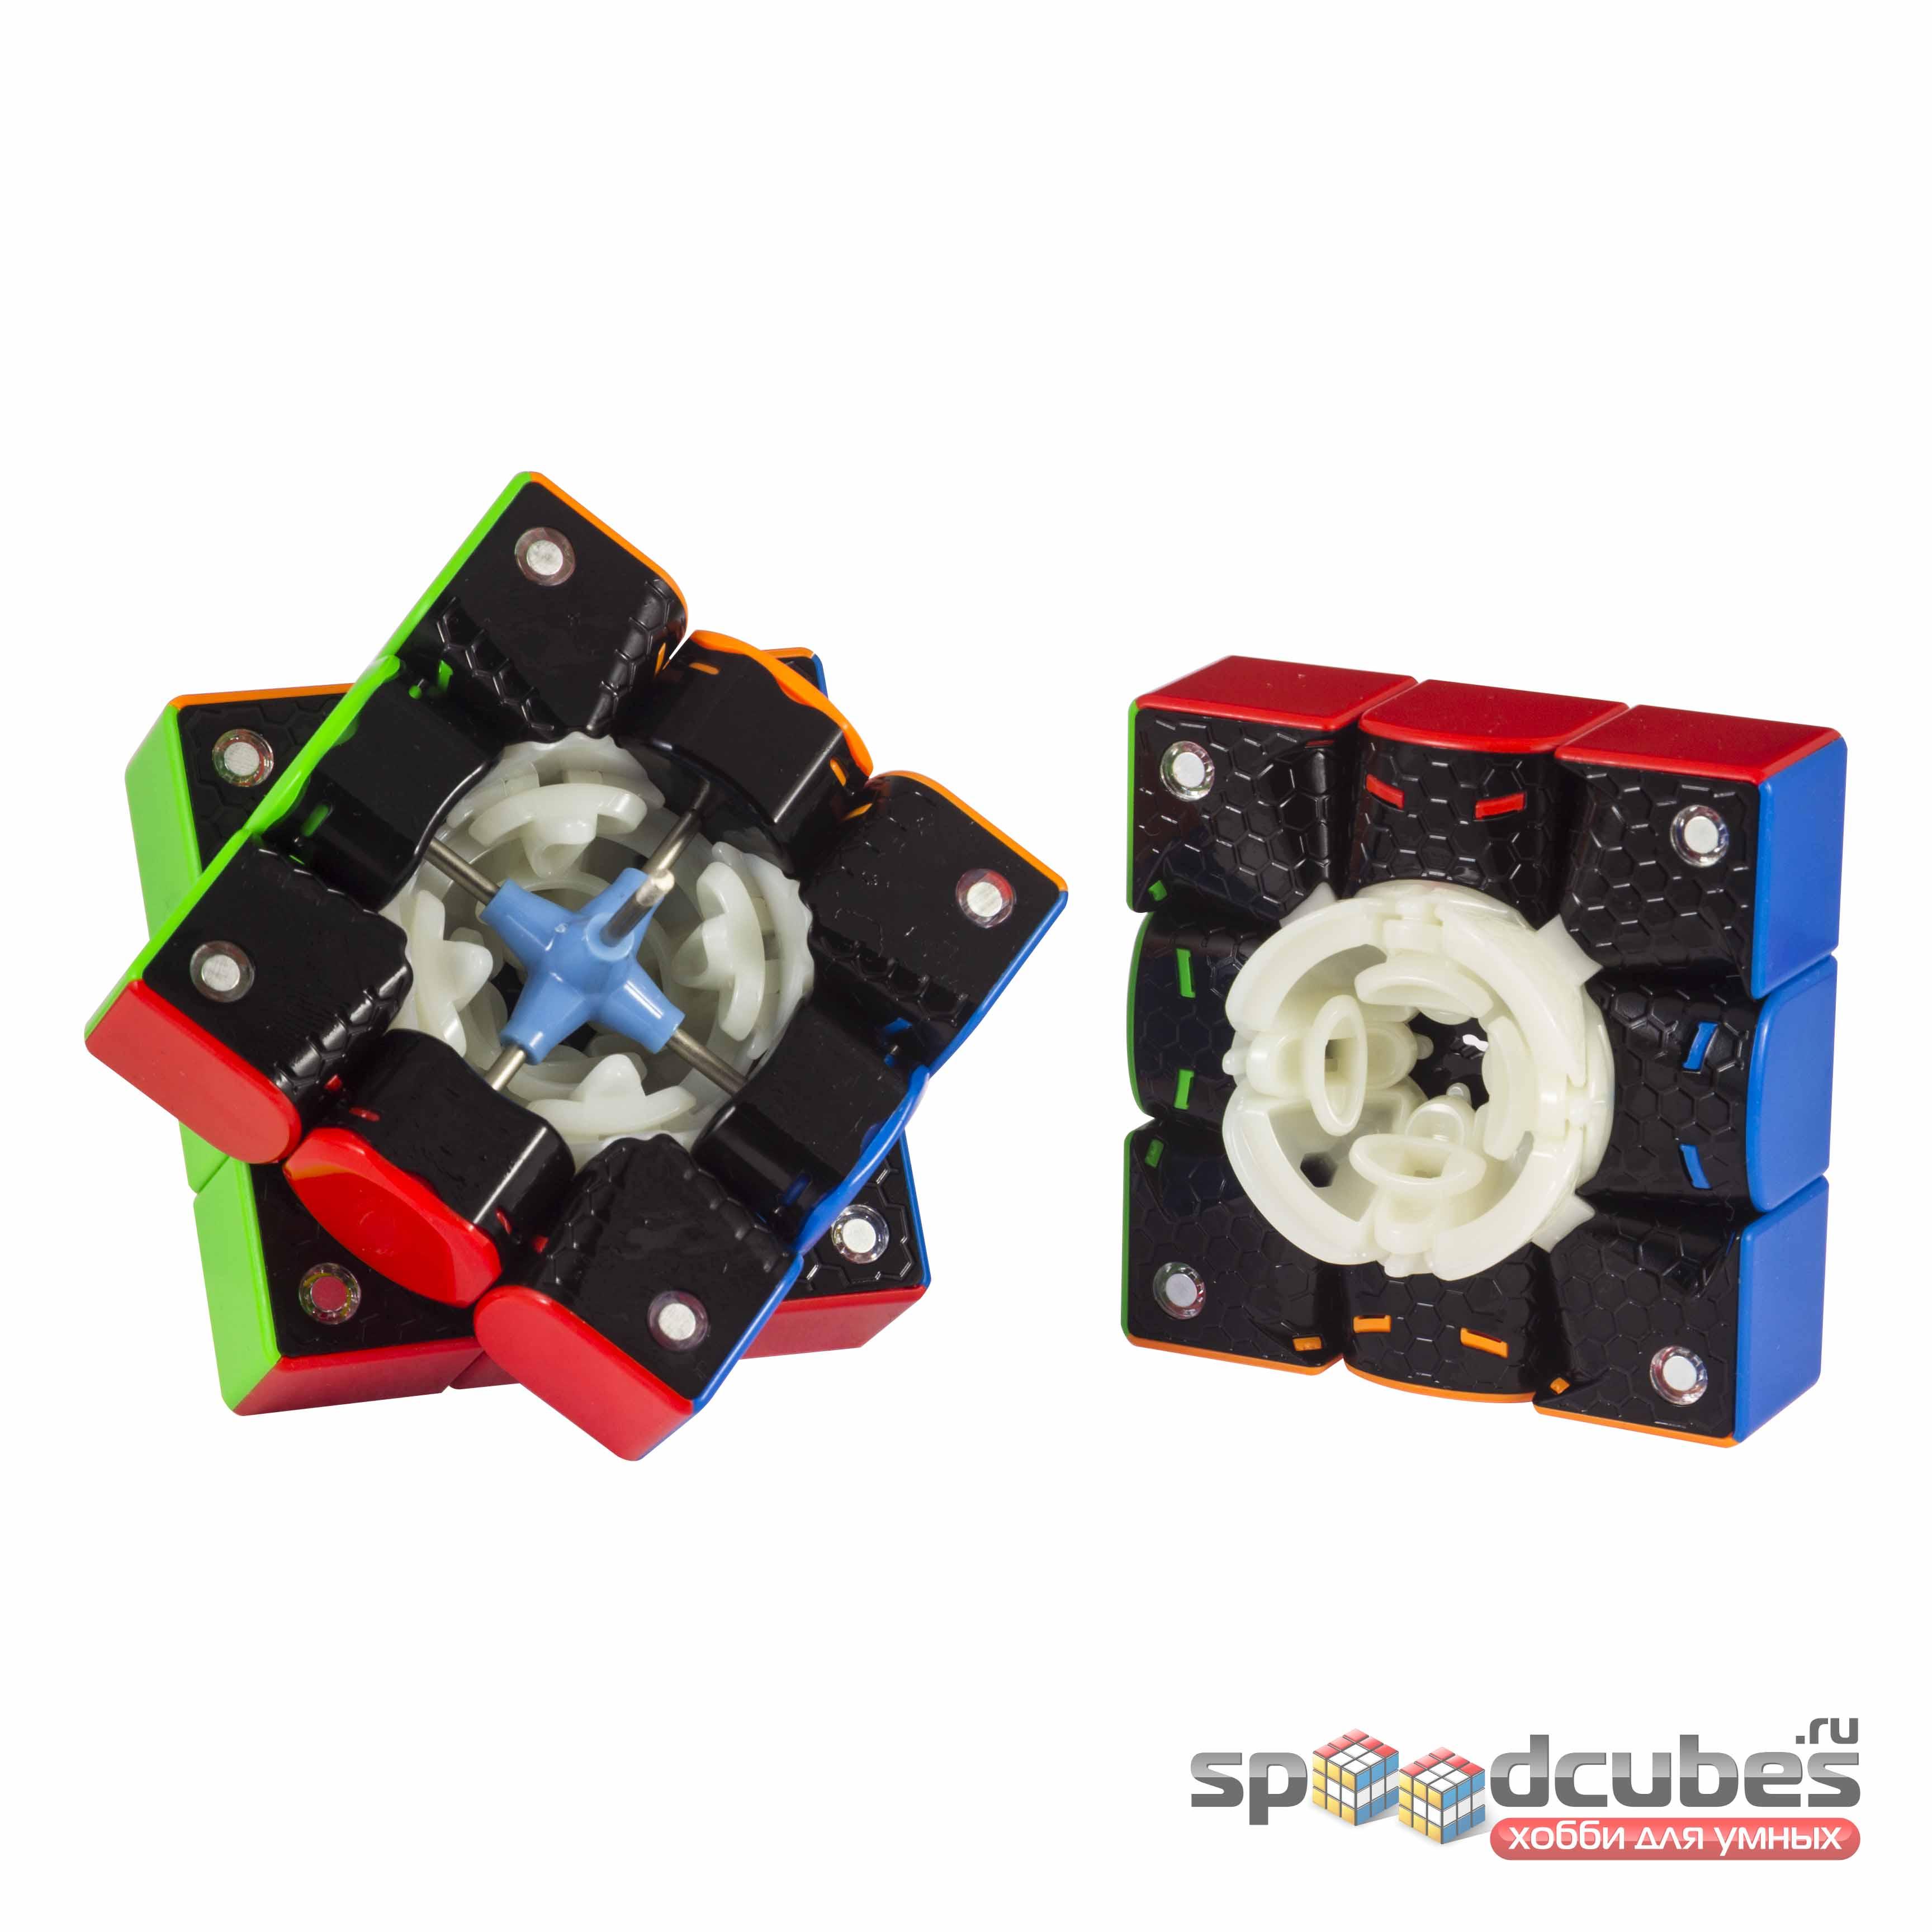 Gan 356 X 3x3x3 IPG V5 Color 4